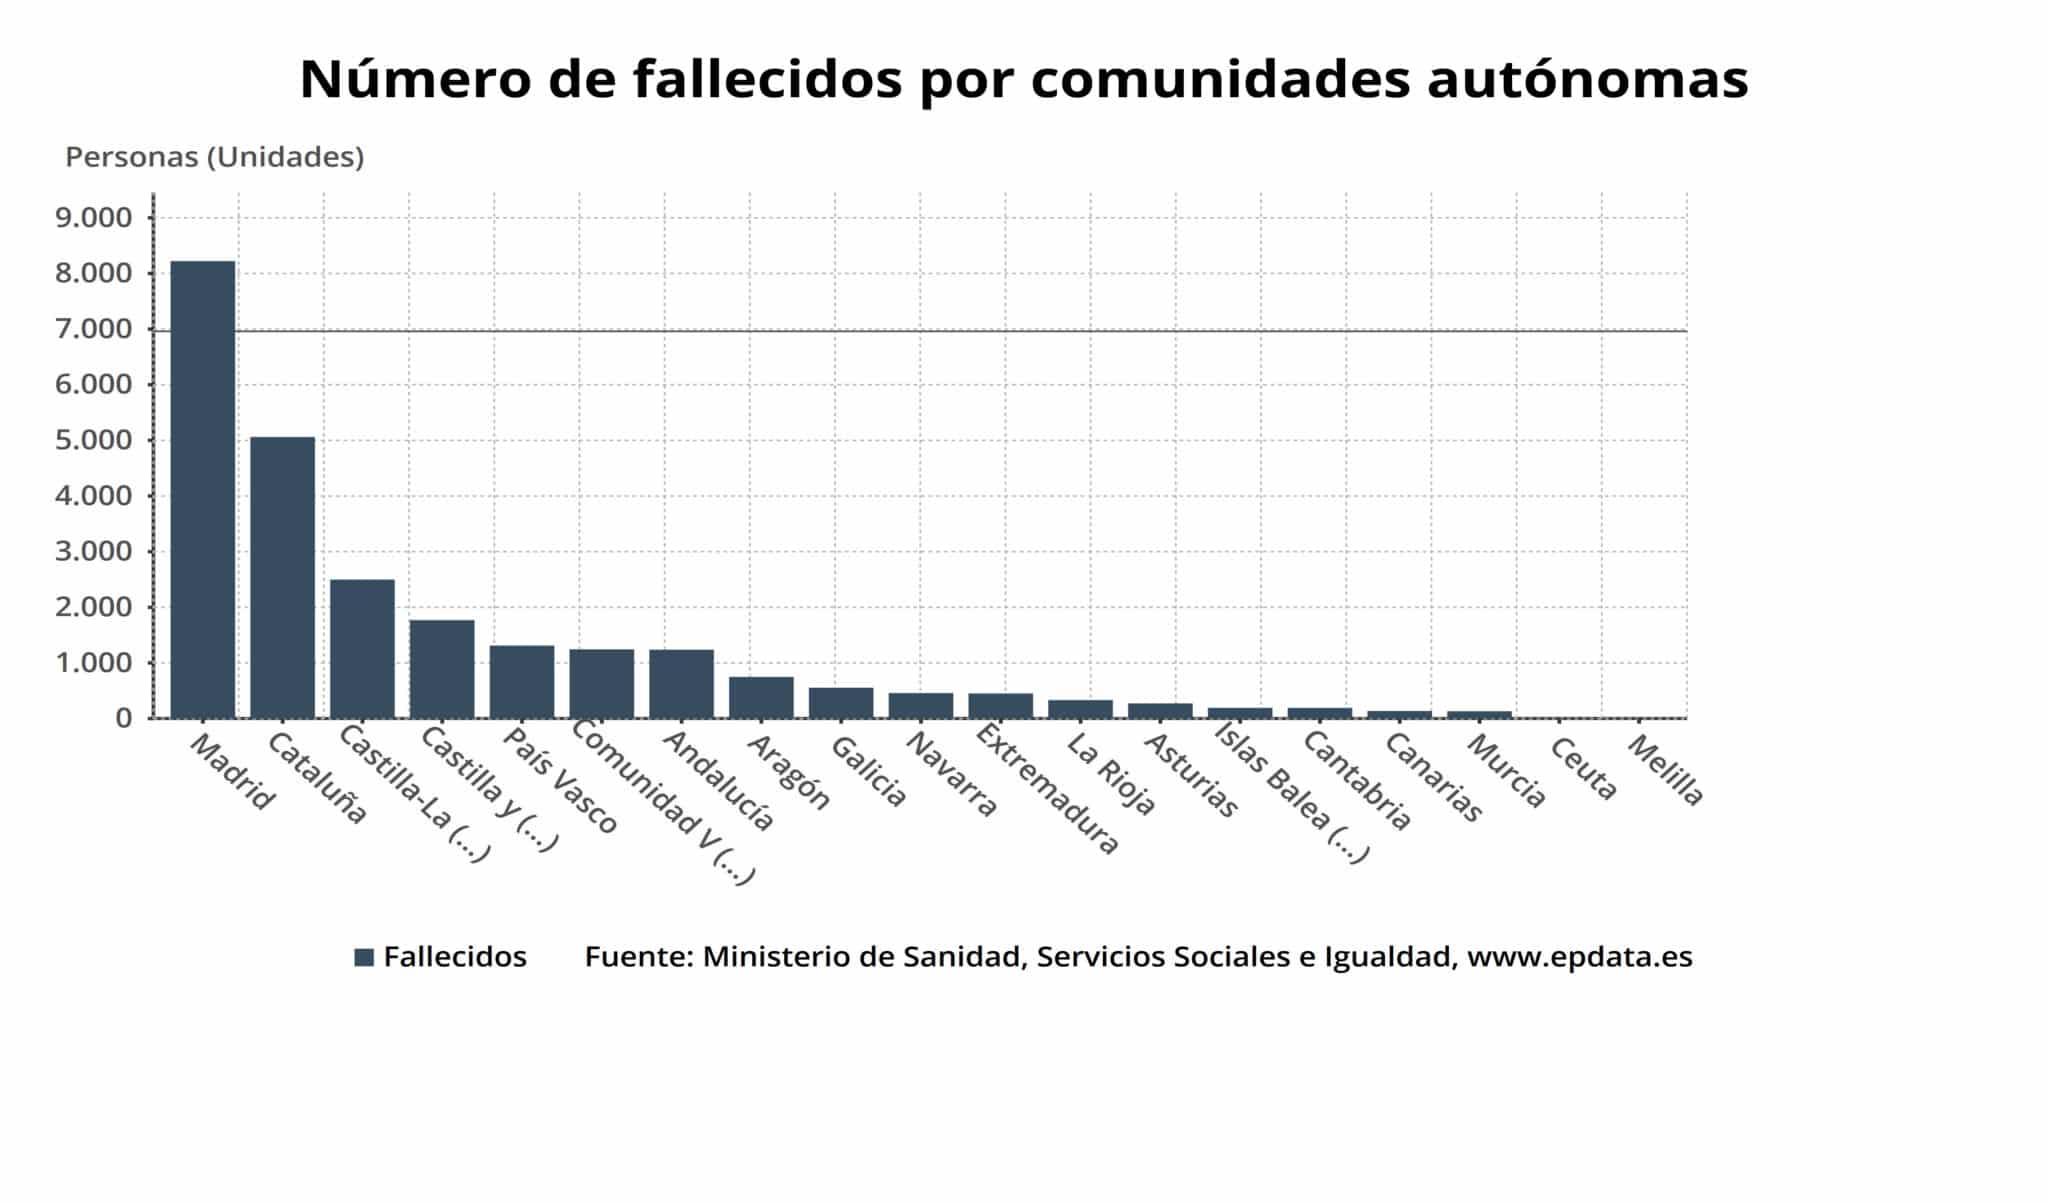 Continúan en descenso los ingresos hospitalarios por coronavirus en La Rioja 1